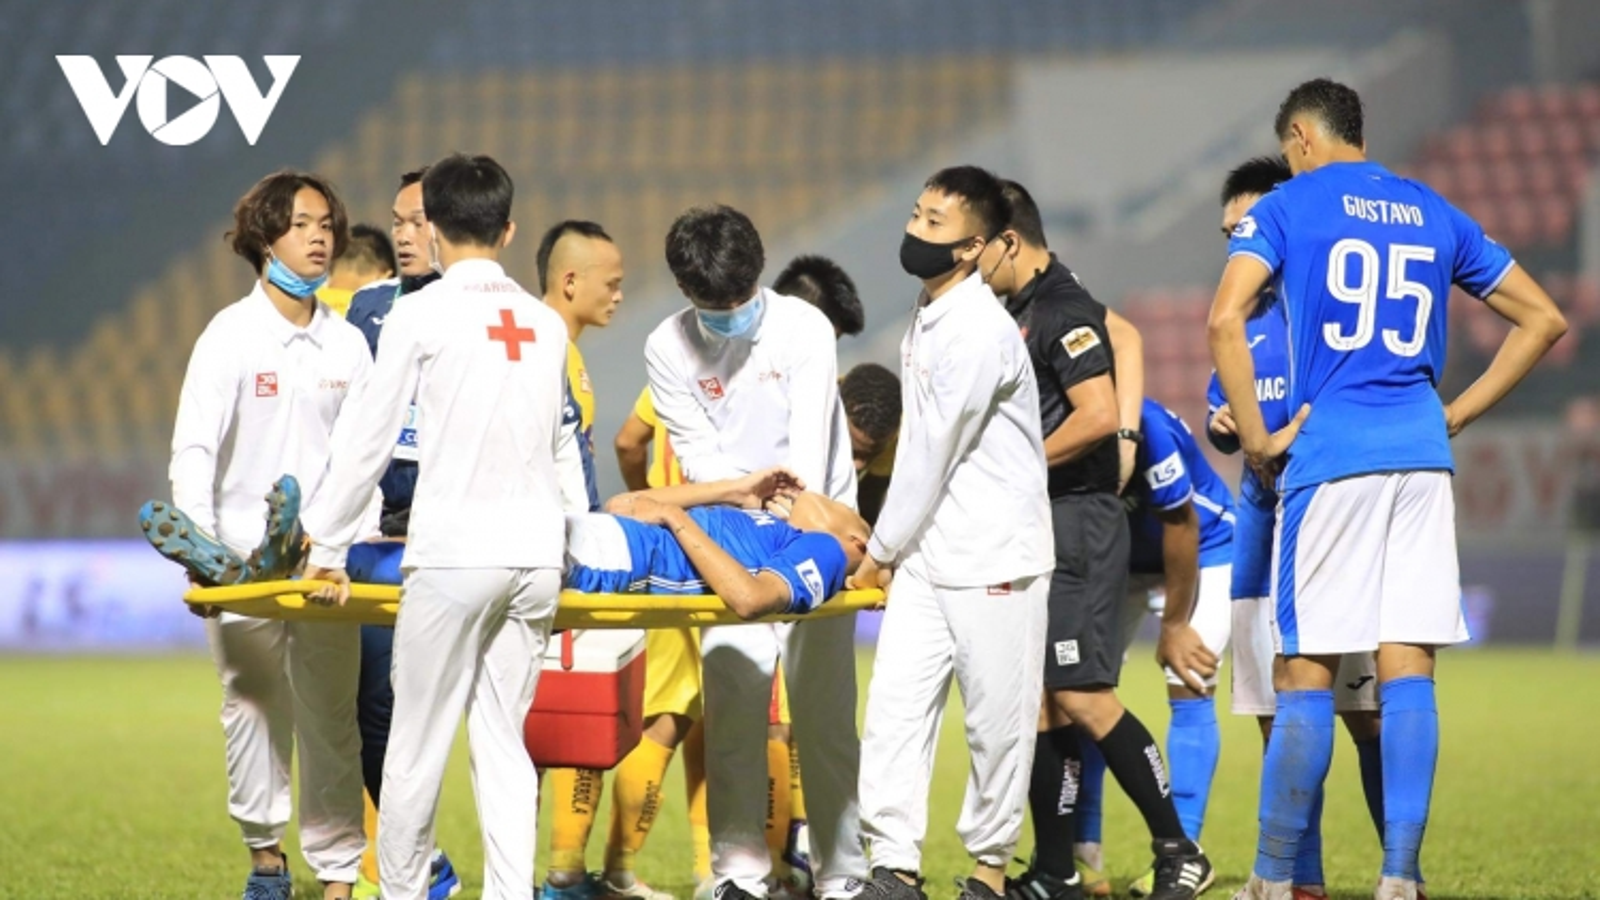 Trung vệ U22 Việt Nam chấn thương nặng trong trận đấu ở vòng 5 V-League 2021